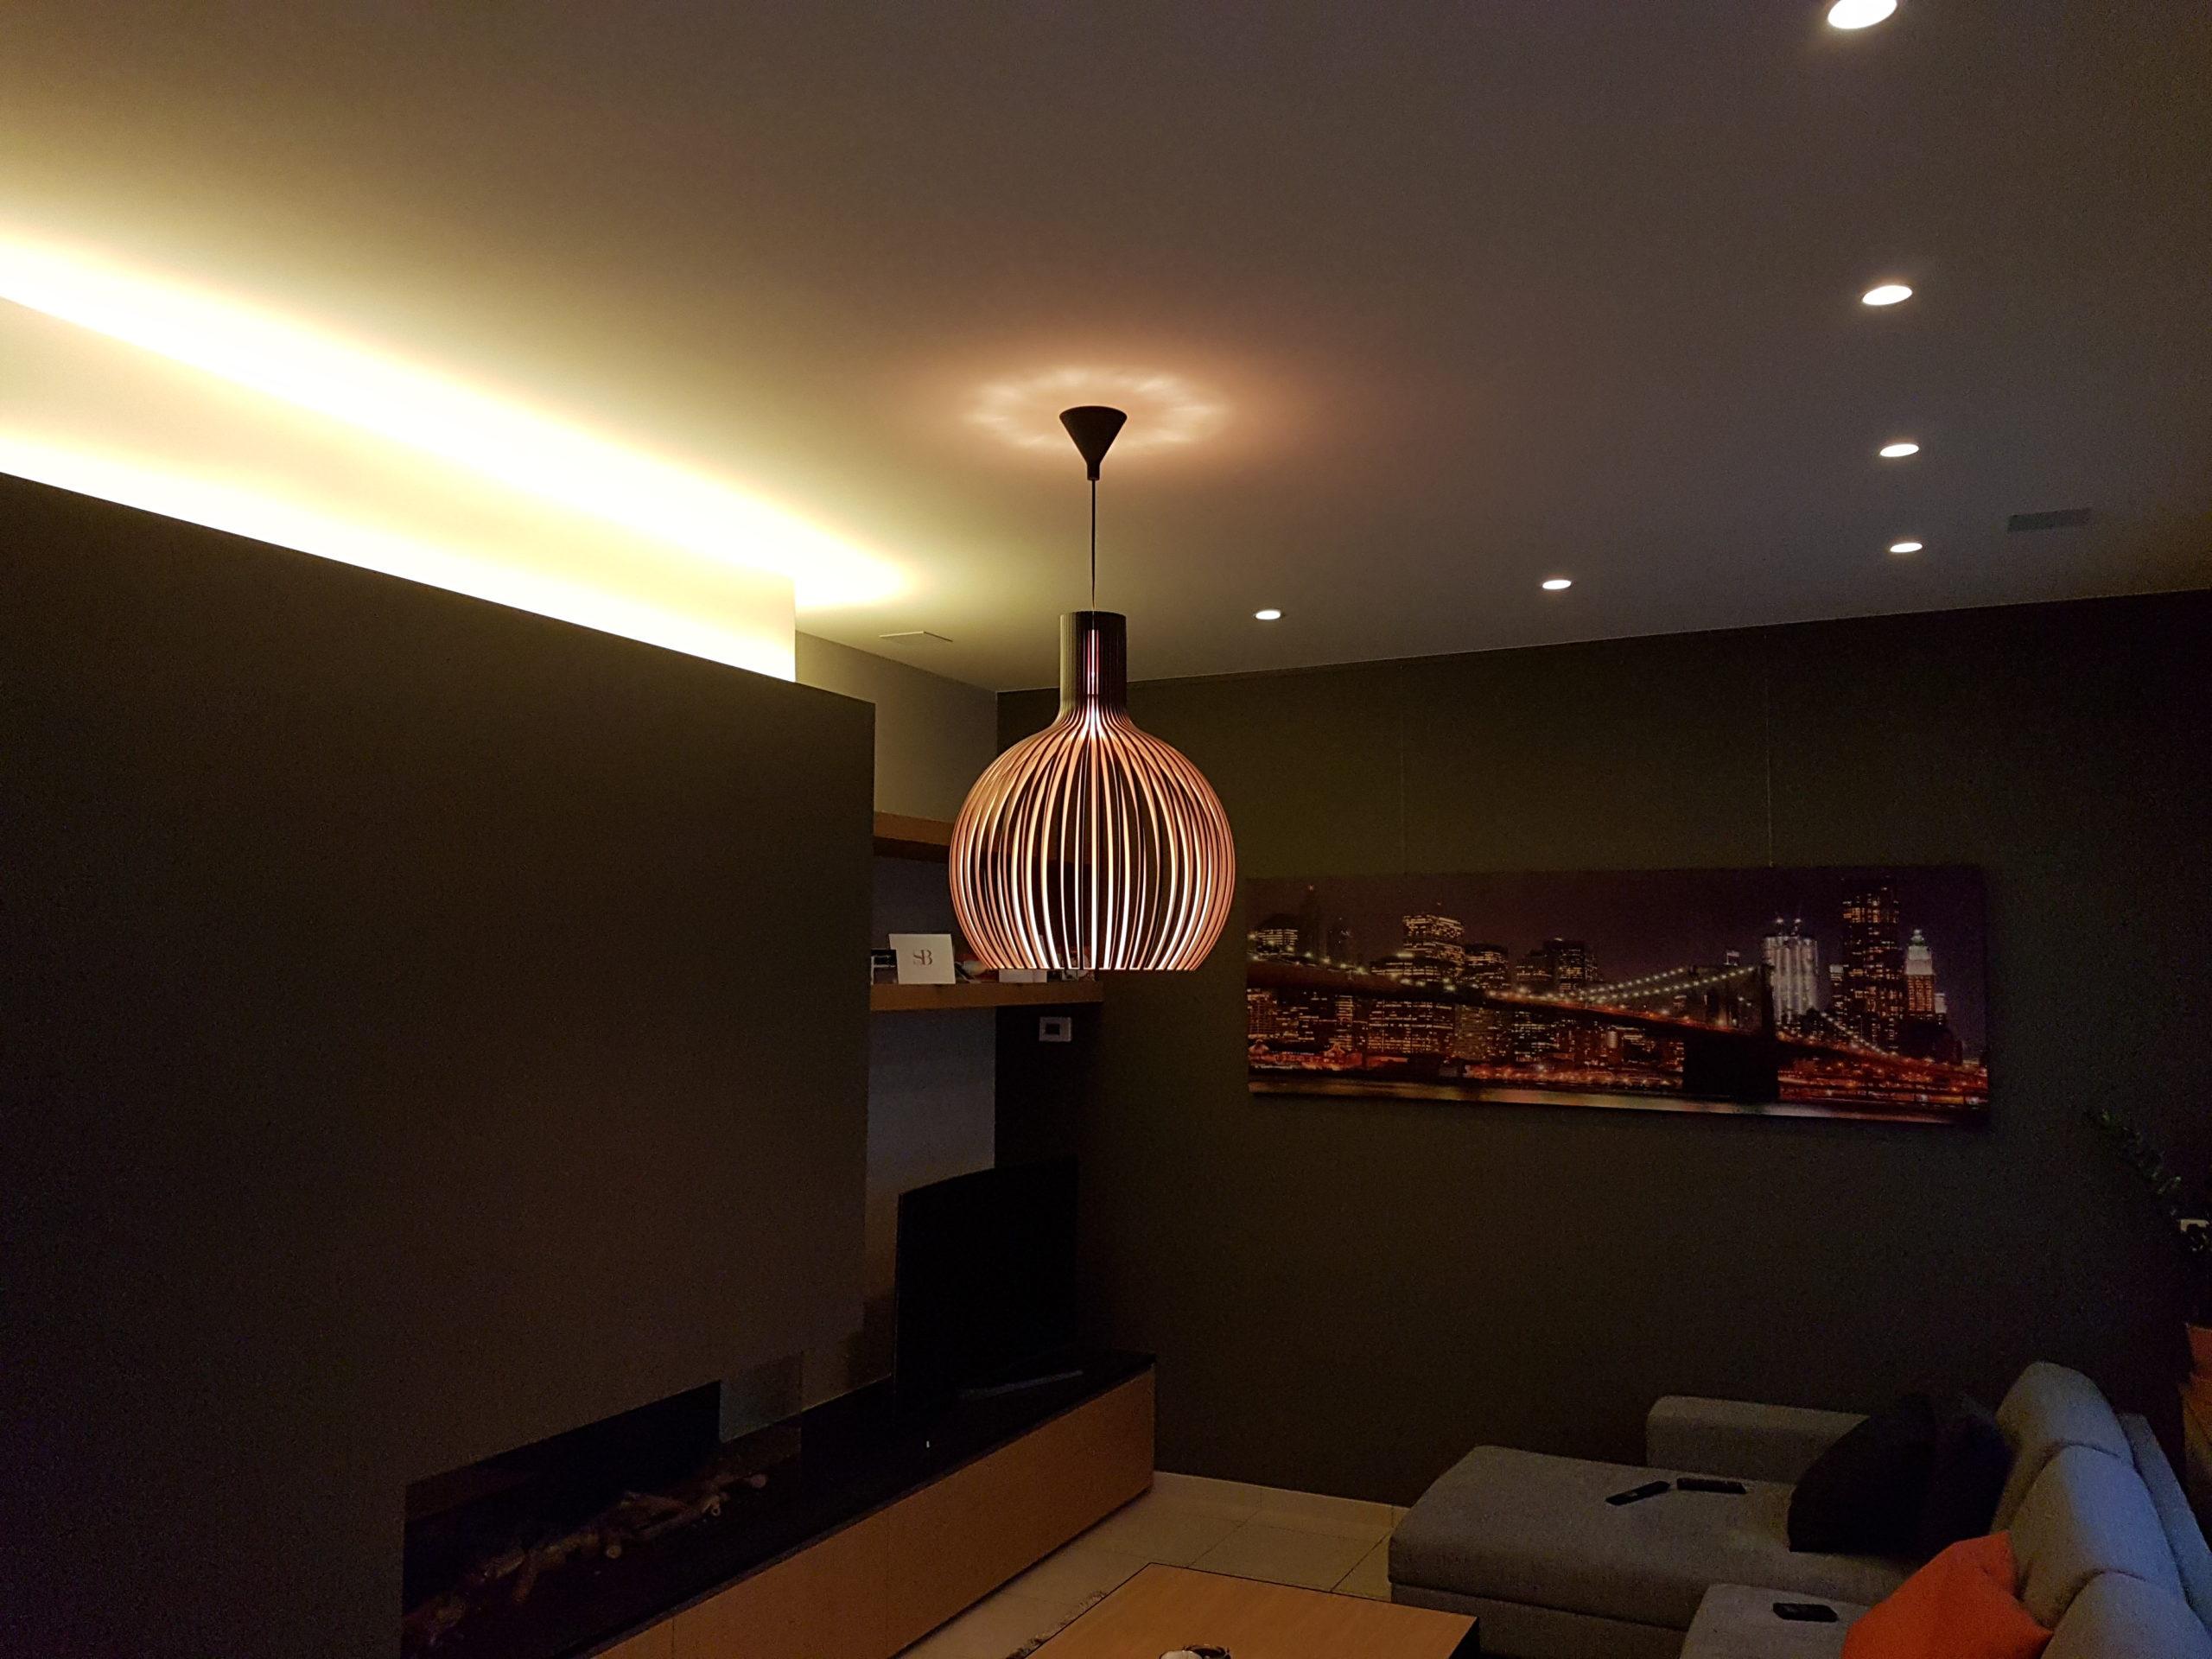 verlichtingsarmatuur, spots en indirecte verlichting met ledstrip in verbouwing samen met ArtSound inbouw luidsprekersbrooklyn bridge